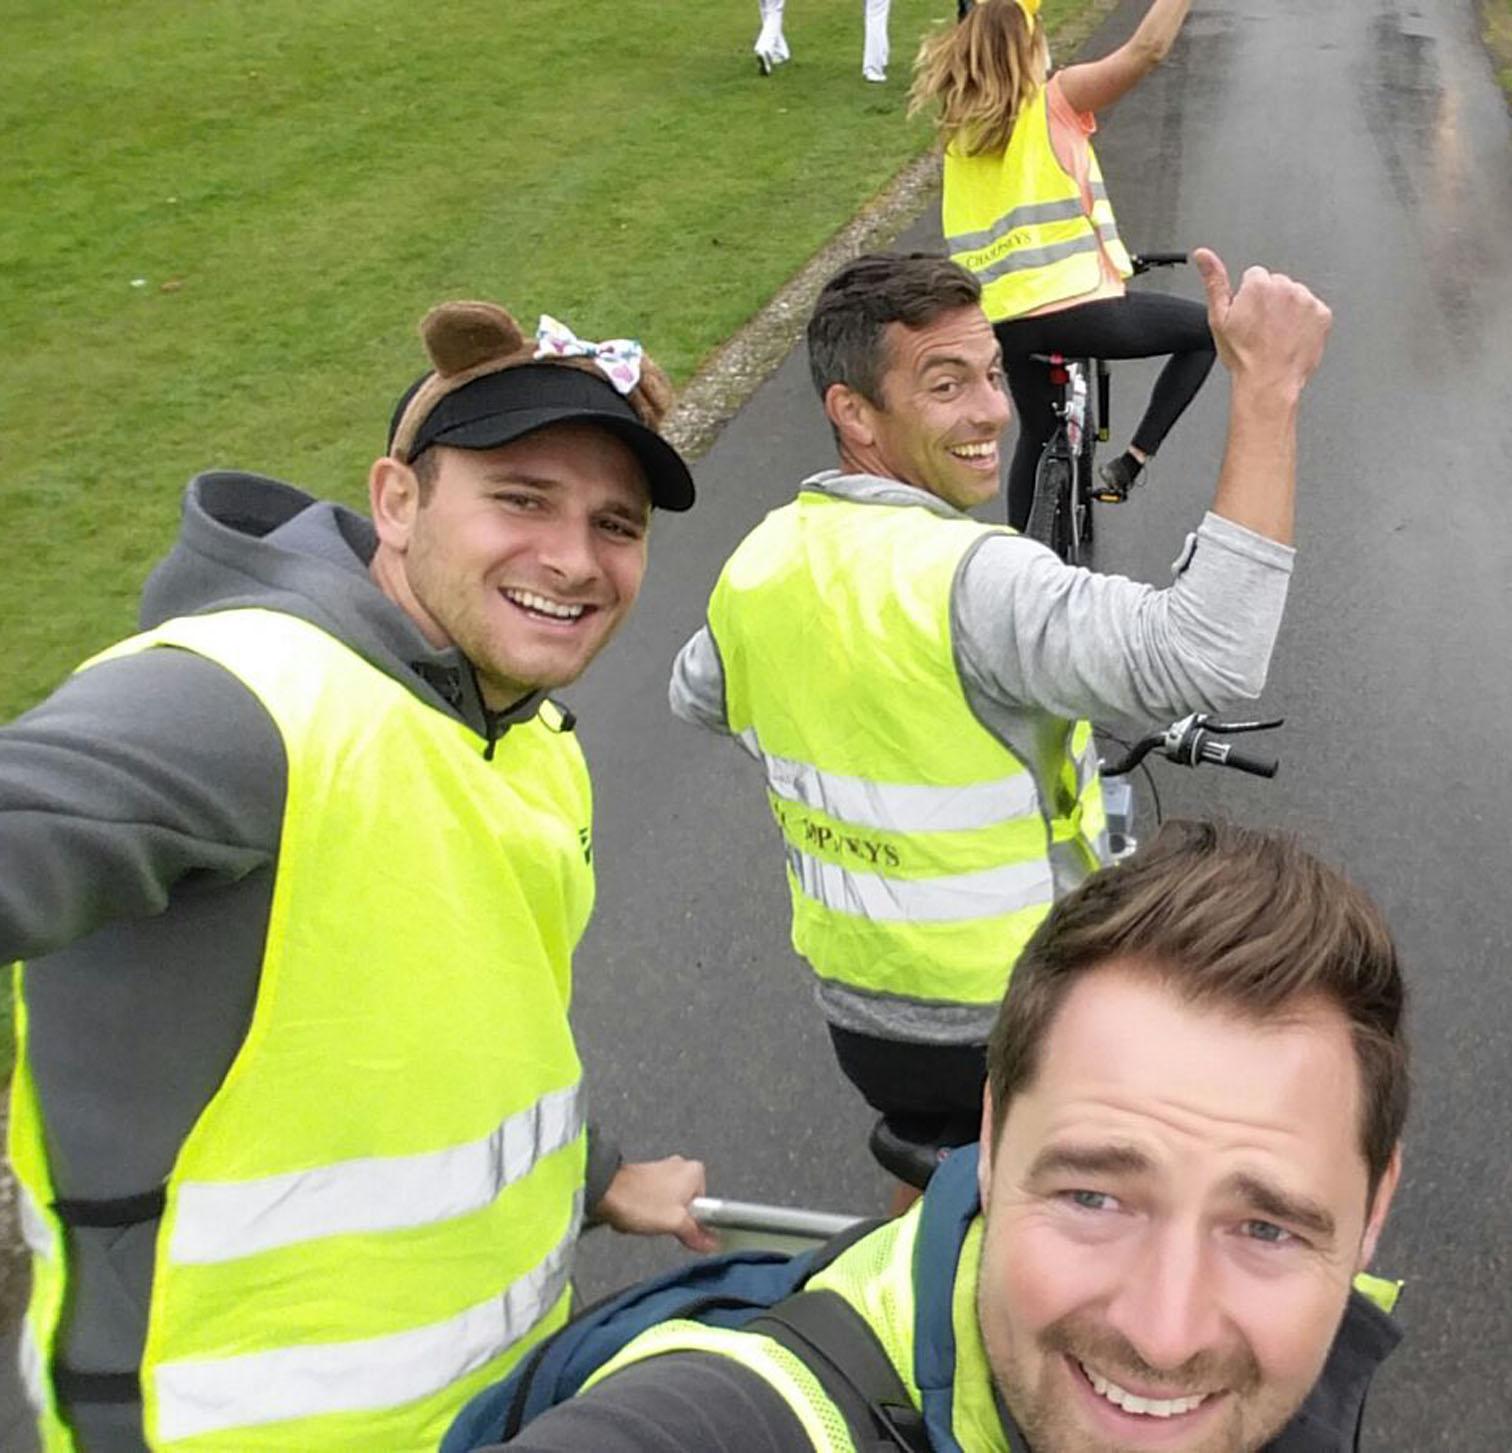 champneys-hike-bike-trike-challenge